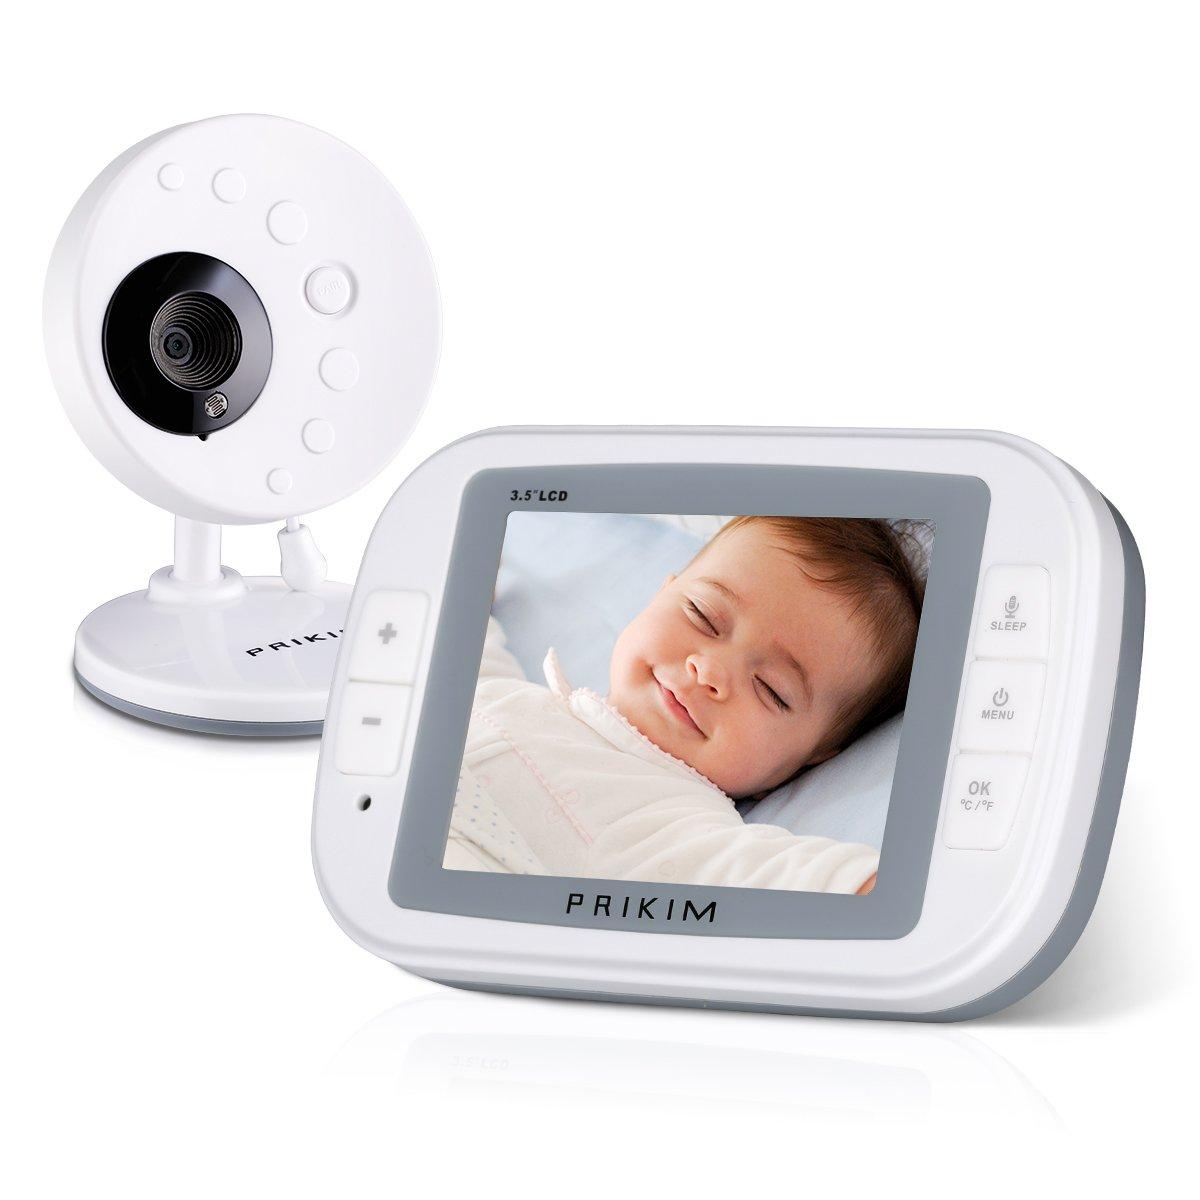 PRIKIM 2.4GHz Bébé Moniteur Sans Fil 3.5'' LCD Ecran Système d'Ecoute et de Communication Babyphone Caméra Audio et Bidirectionnel Berceuses Baby Vidéo Température Surveillance, Vision Nocturne